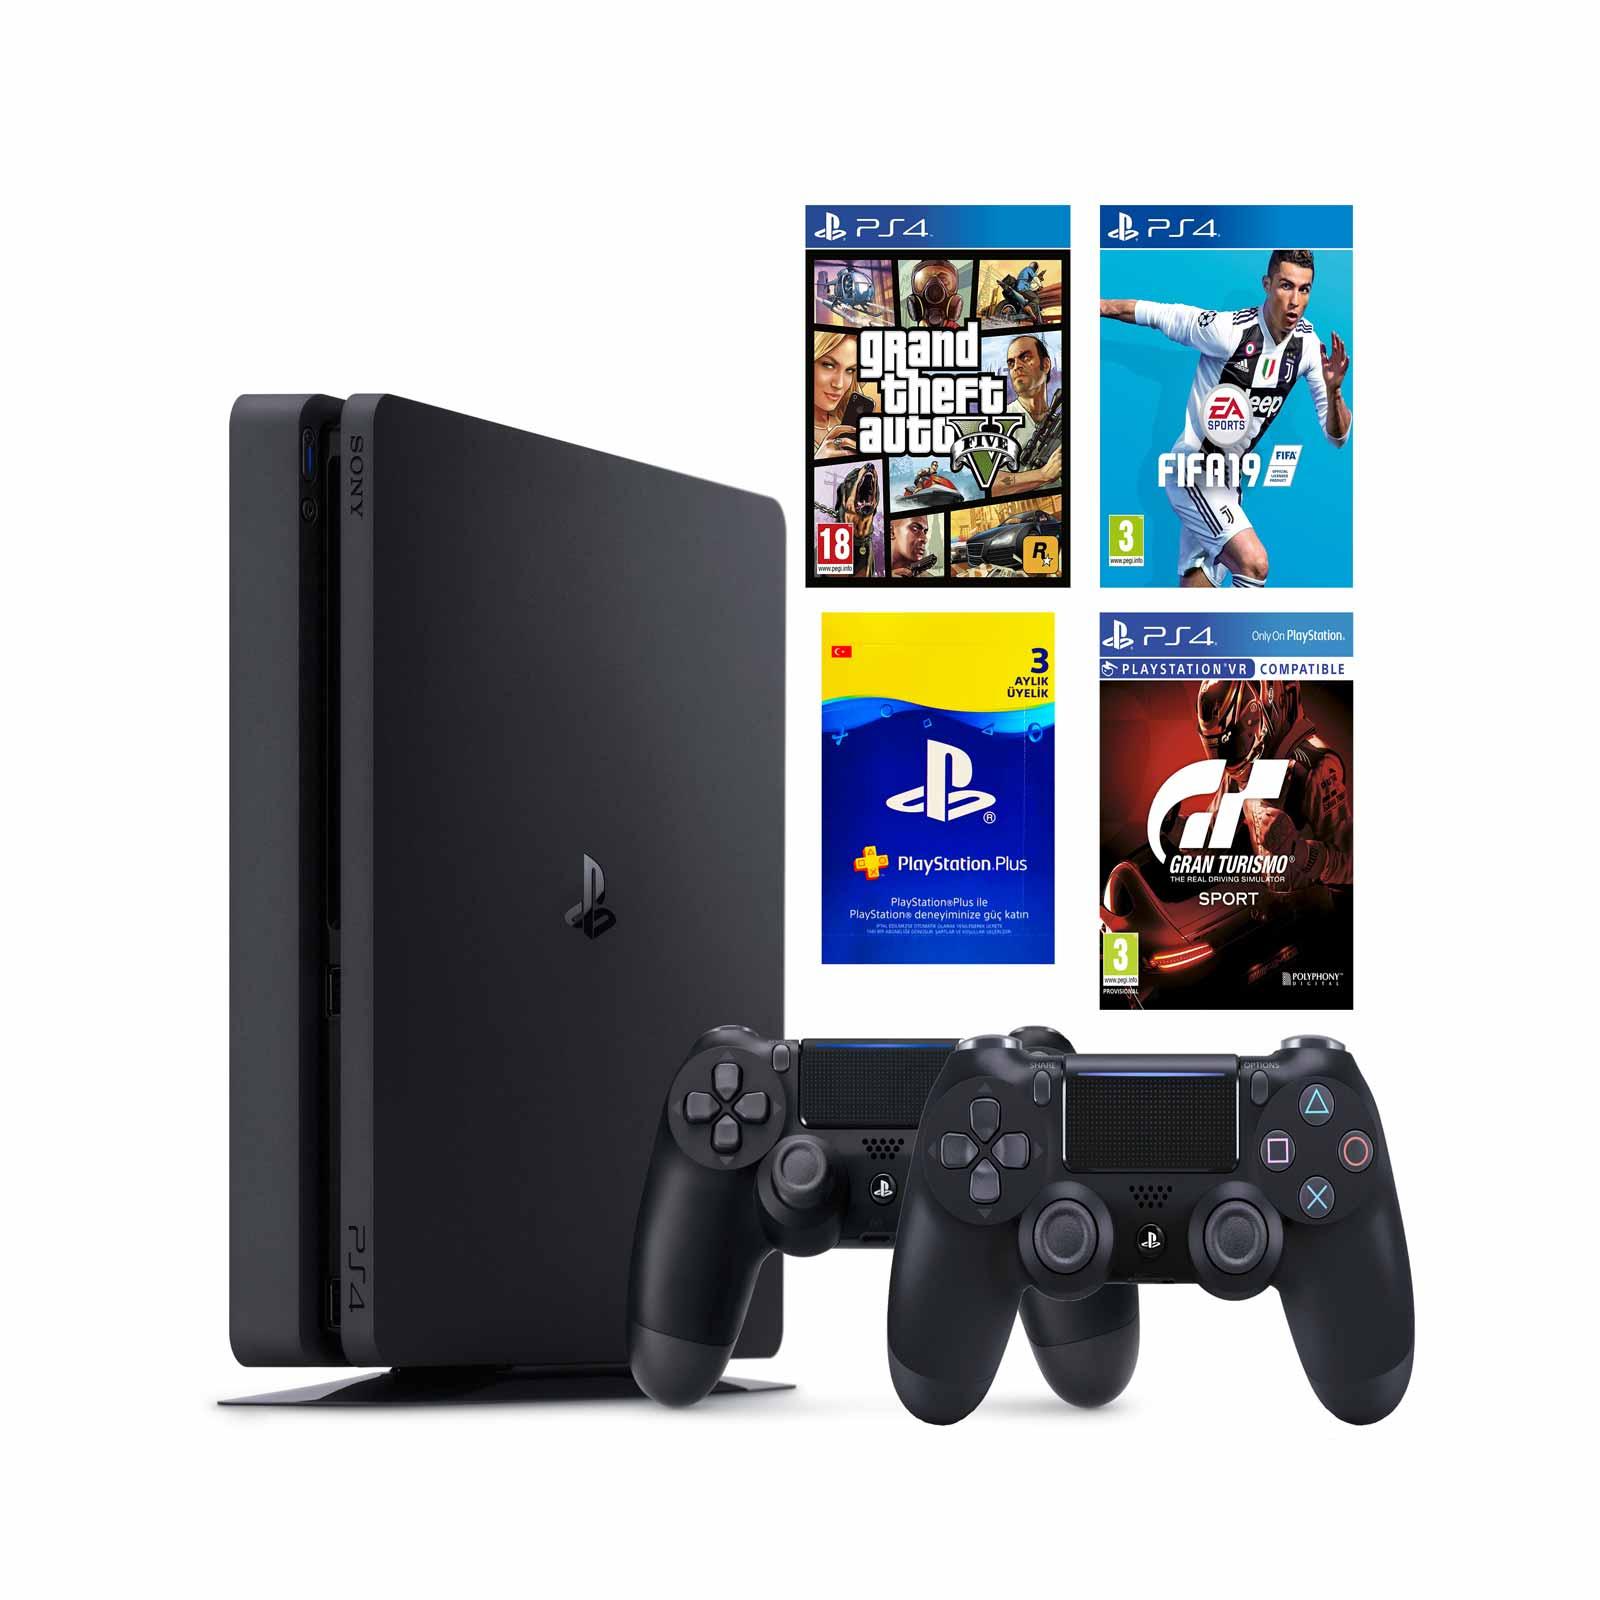 Sony Ps4 500 Gb Slim Oyun Konsolu 2 Kol Gta 5 Fifa 19 Gran Turismo Psn Kart Yasin Elektronik 0212 513 53 20 Oyun Konsollari Ve Aksesuarlari